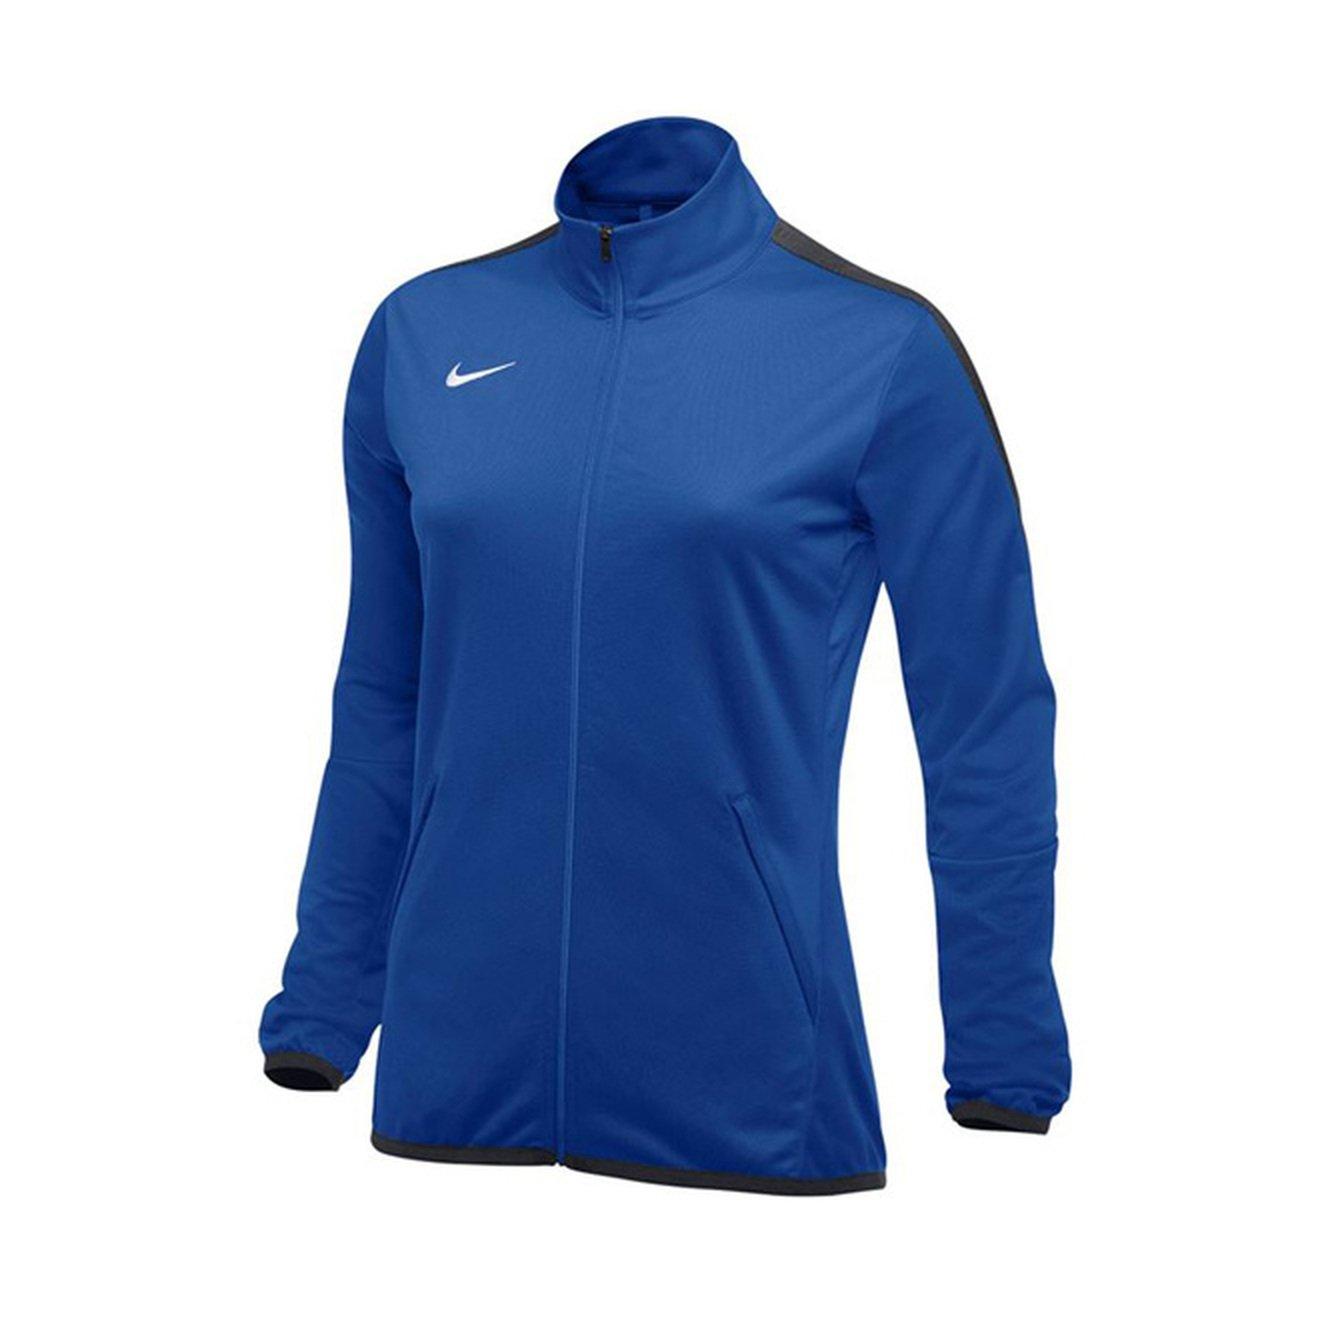 Nike Epic Training Jacket Female Royal Small by Nike